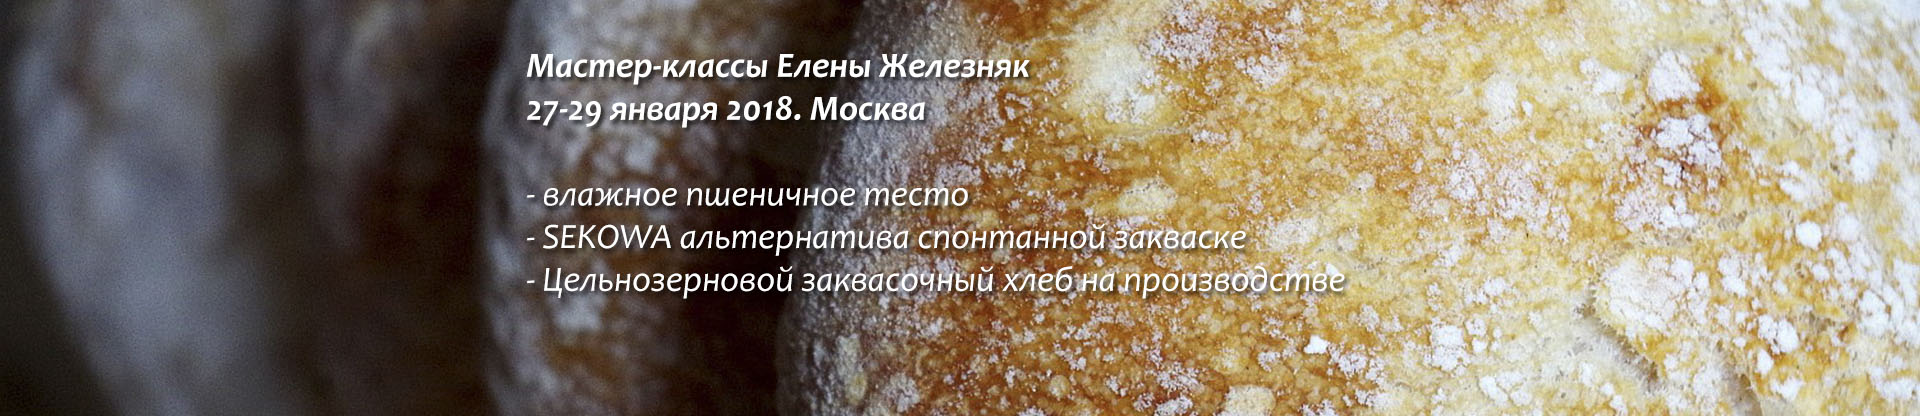 Мастер-классы по хлебопечению